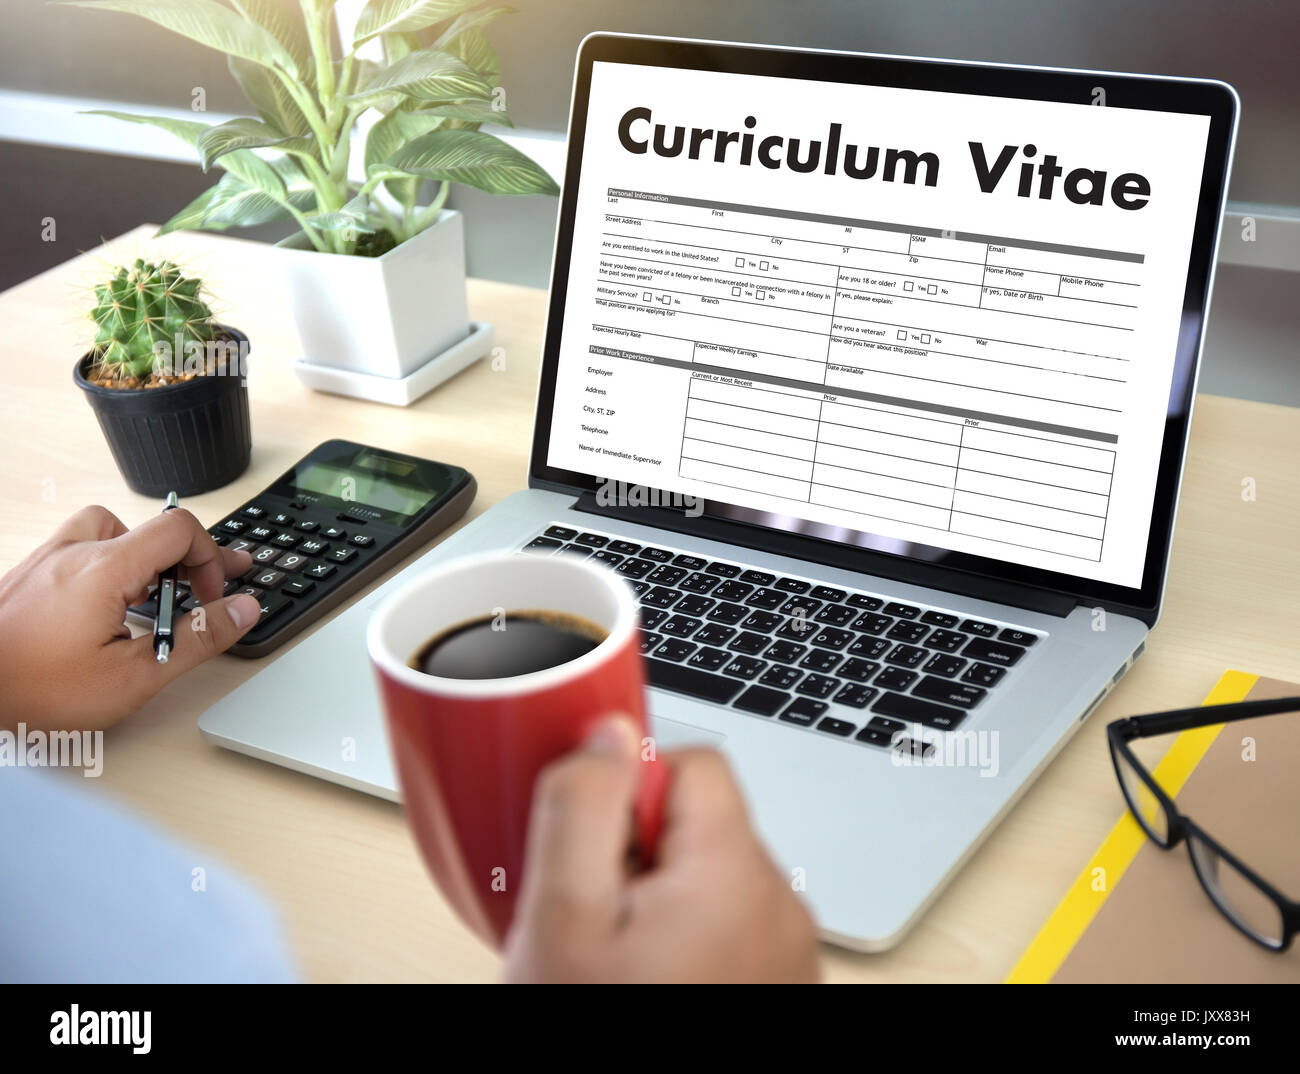 CV - Curriculum Vitae (concepto de la entrevista de trabajo con la empresa CV reanudar) , OFICINA DE NEGOCIOS empresario trabajando trabajo de aplicación Imagen De Stock